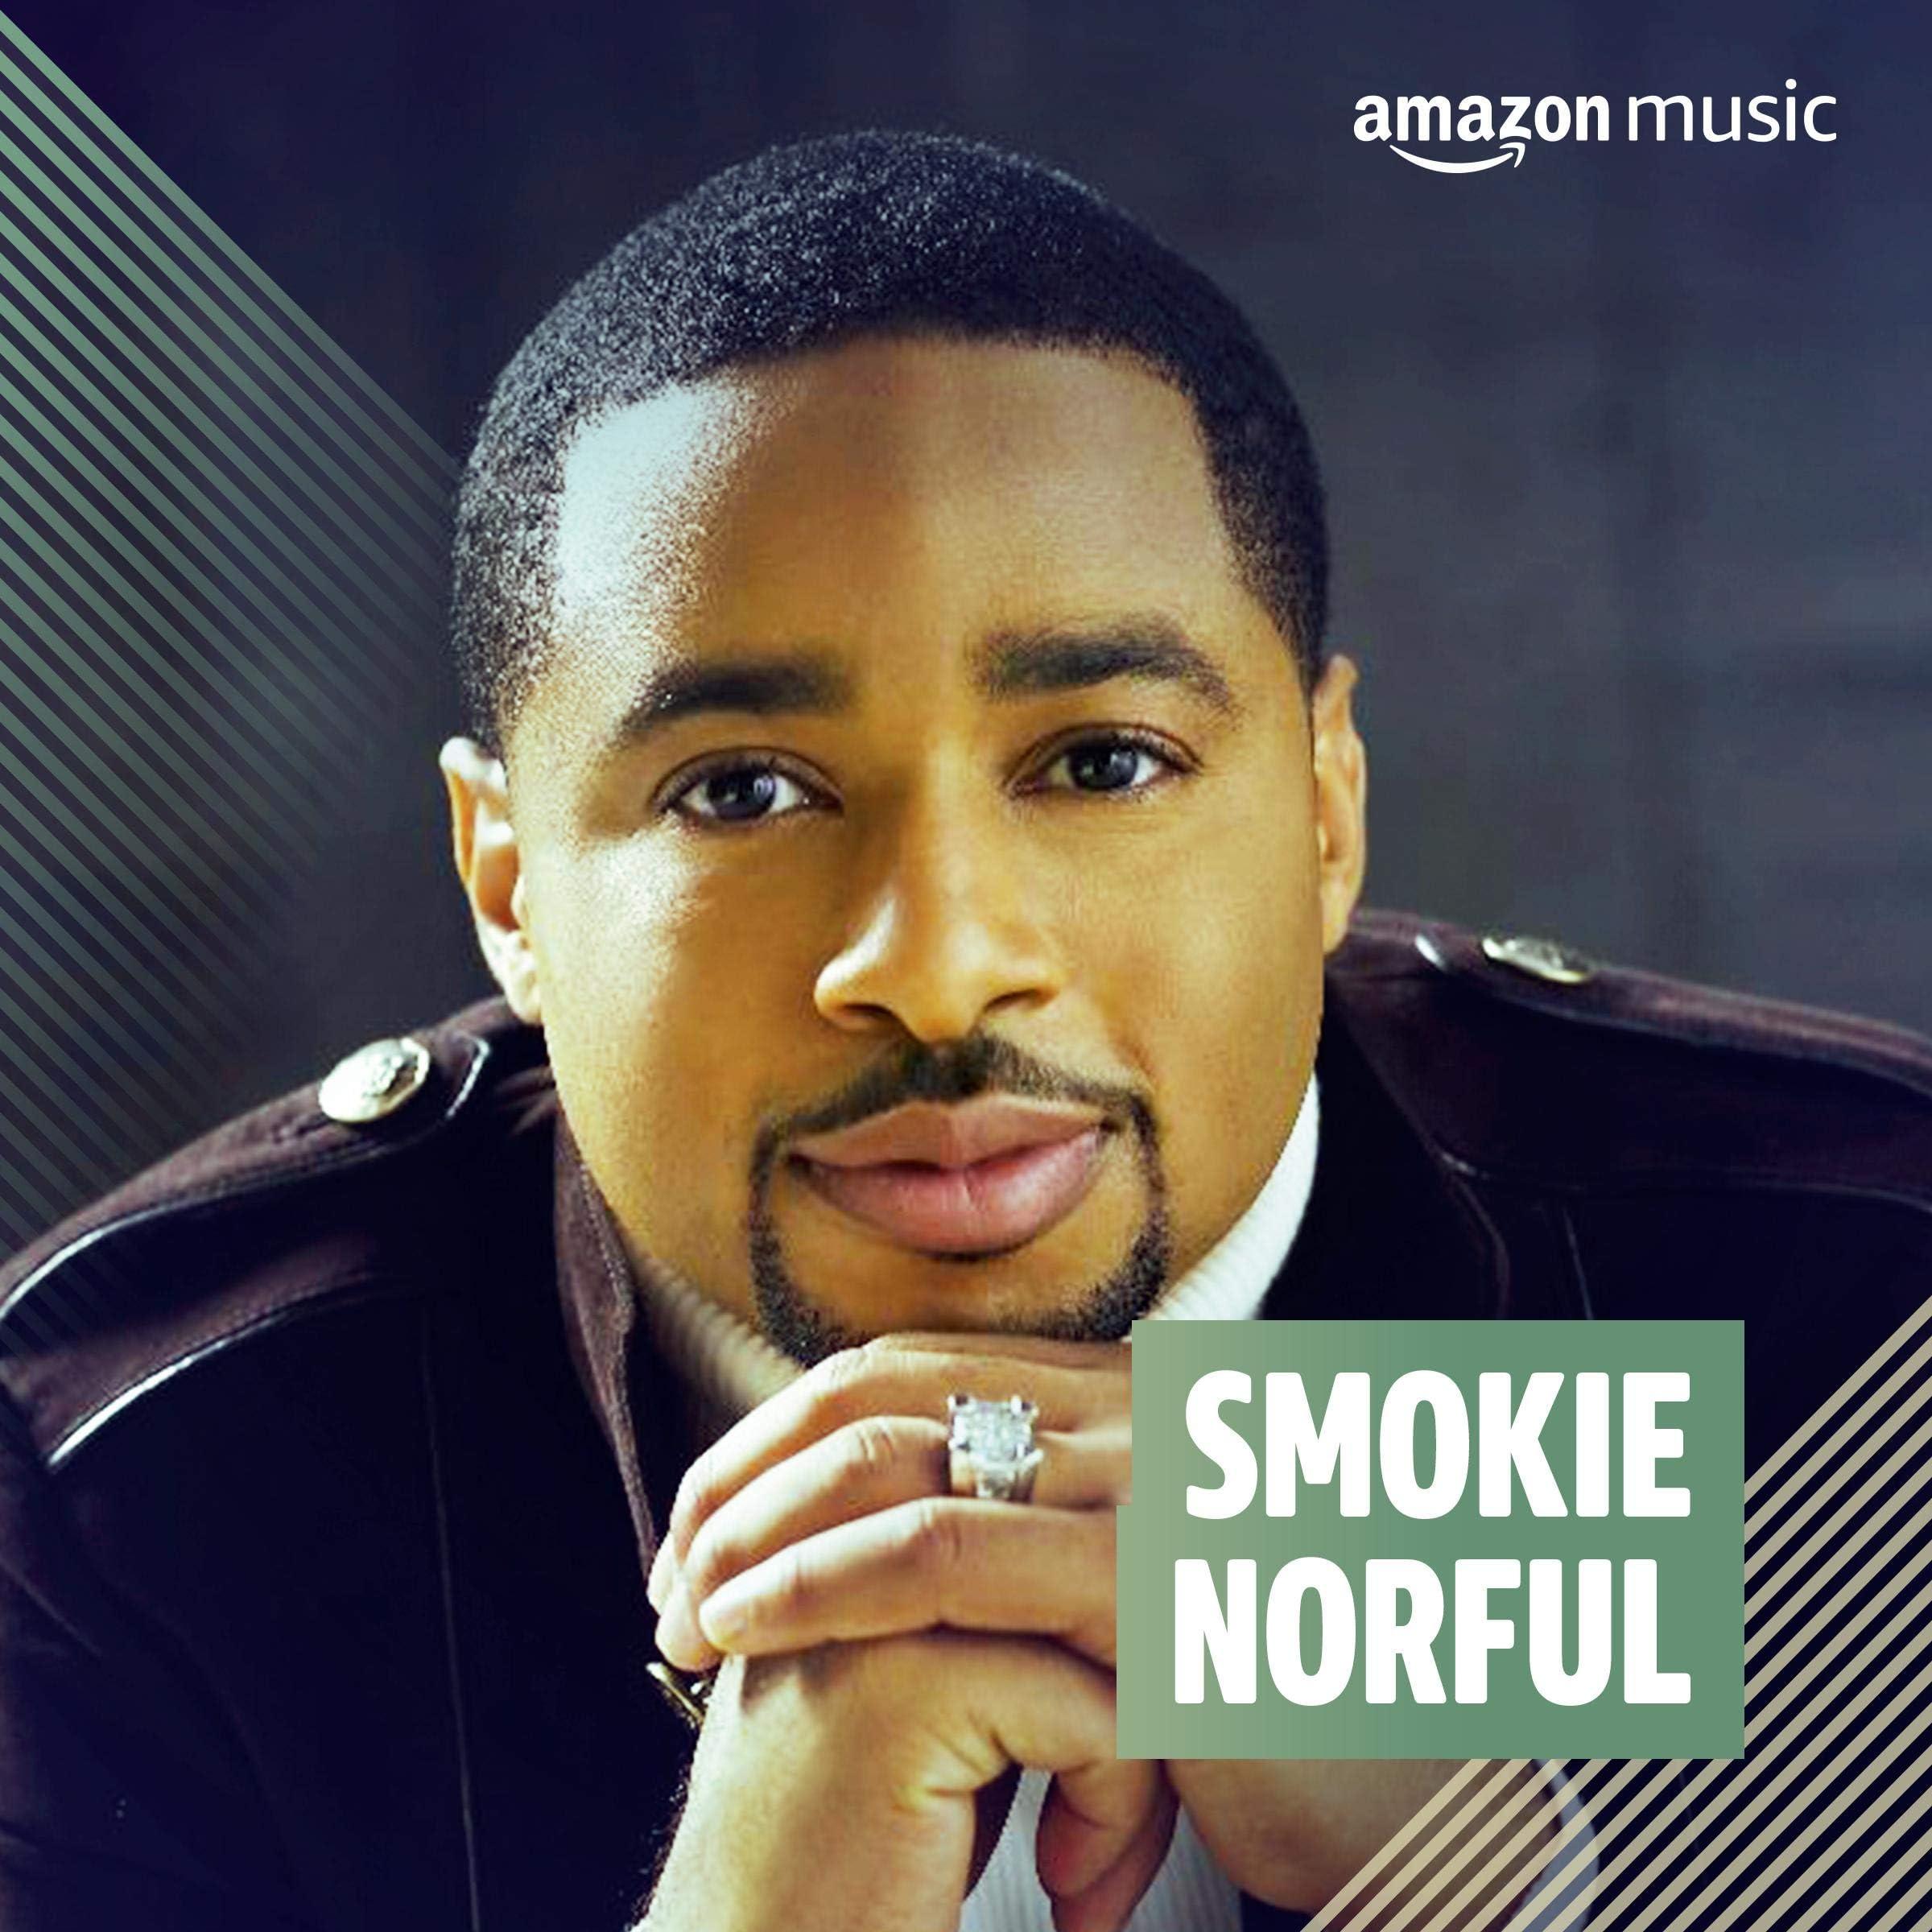 Smokie Norful